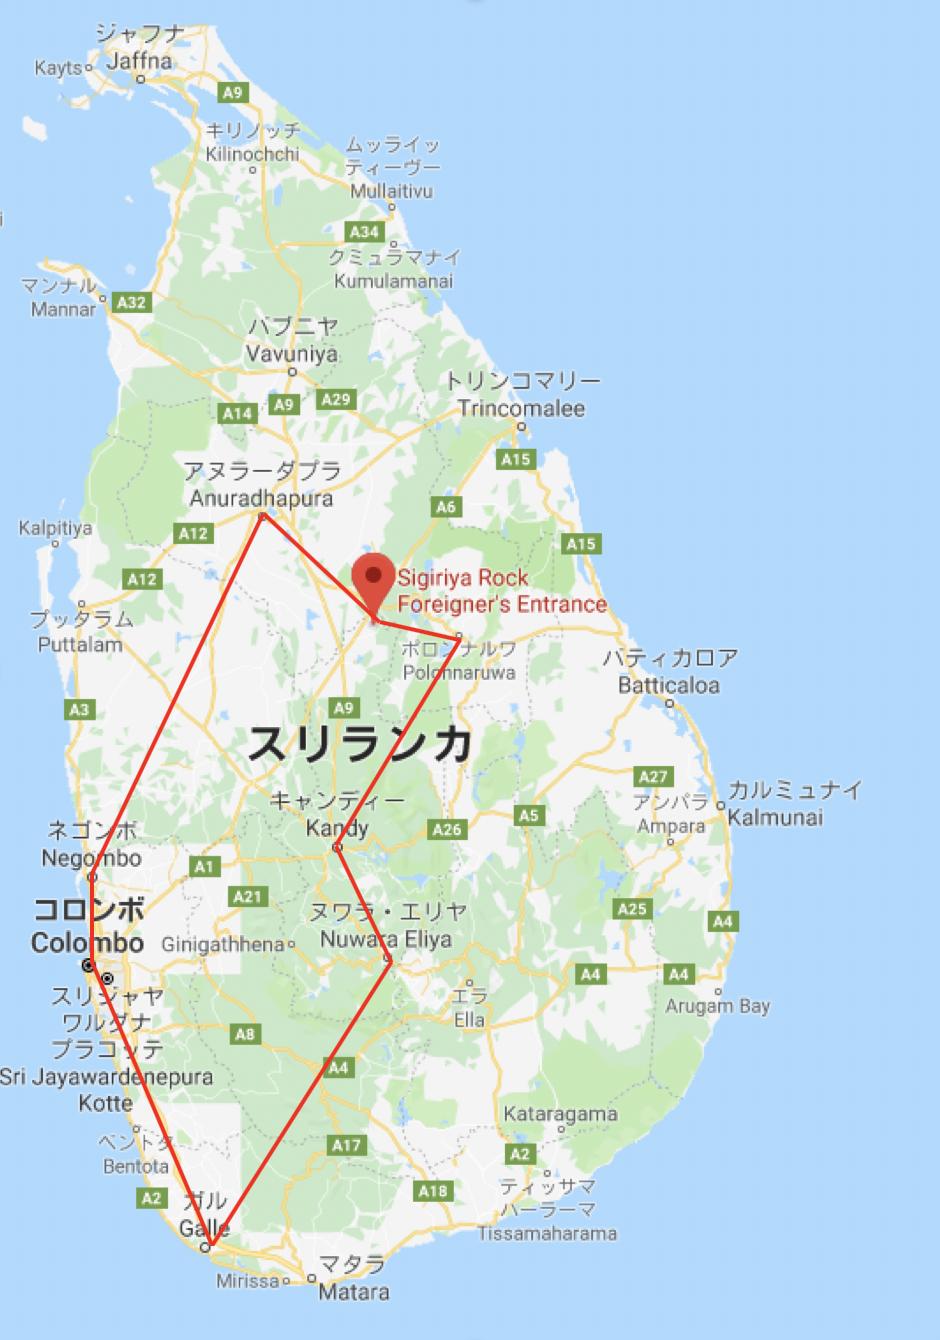 スリランカ旅行の日程